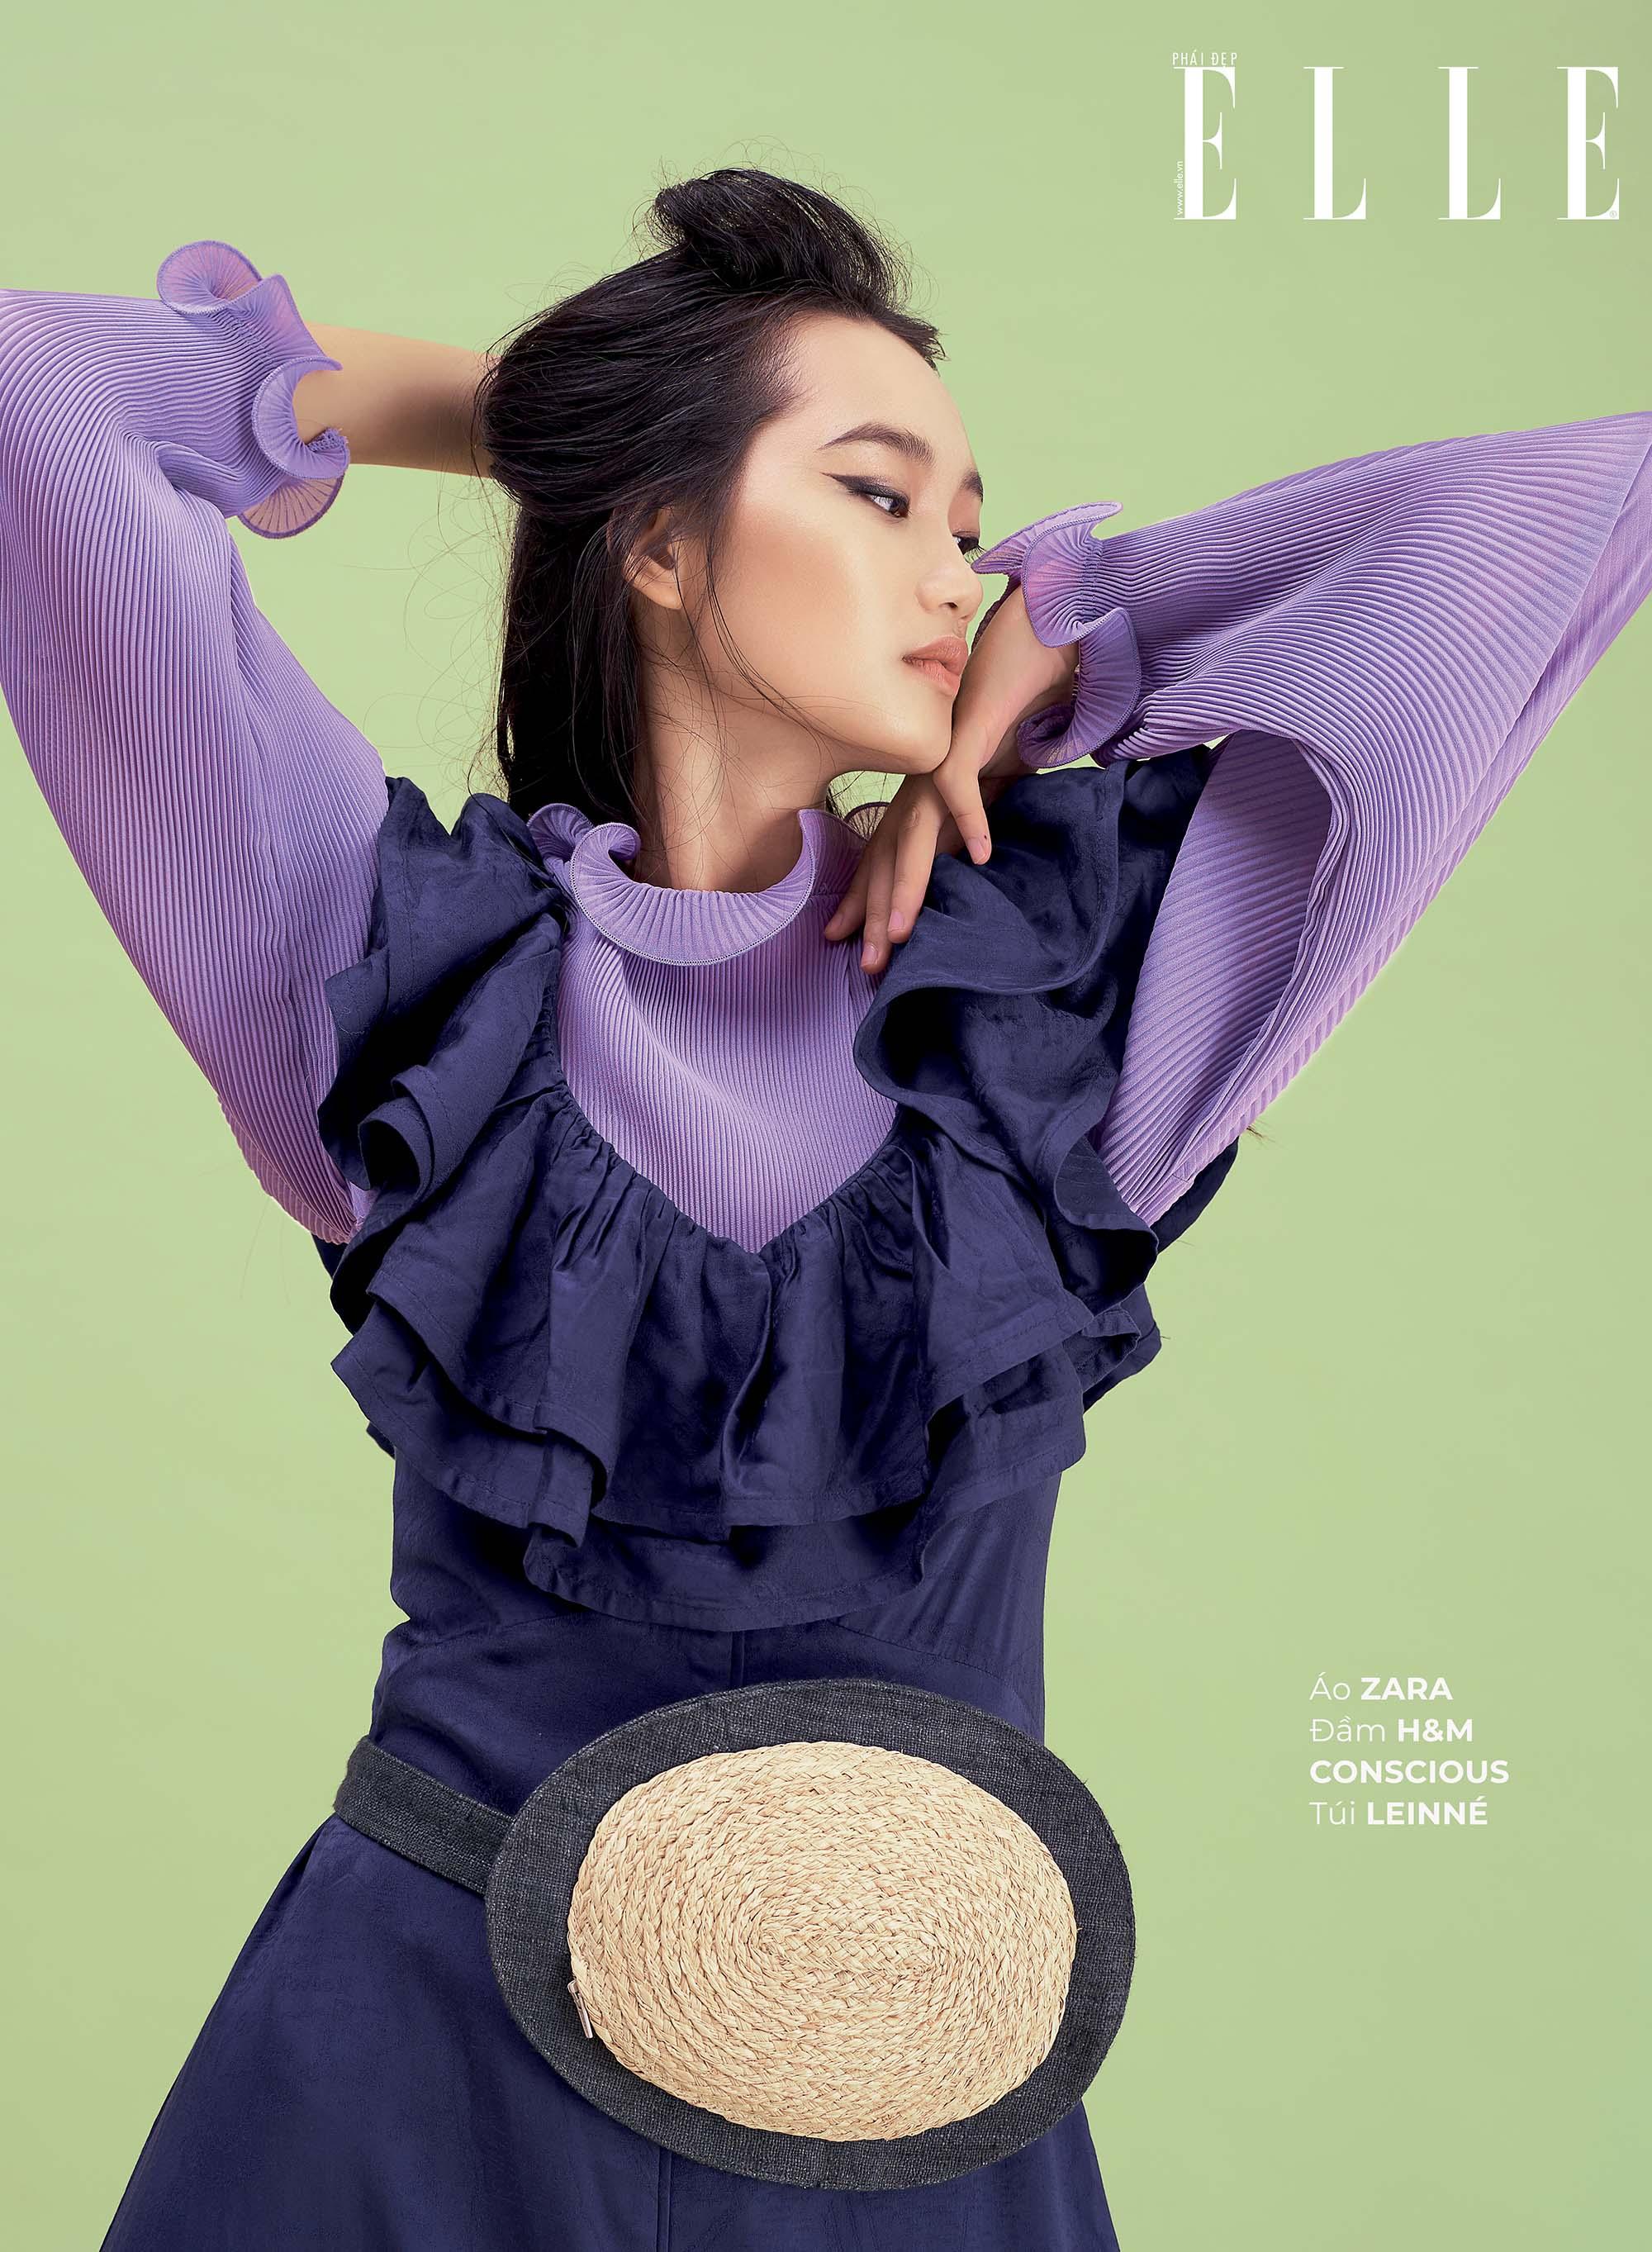 mặc đẹp theo phong cách đồng quê áo tay loe và đầm xếp tầng